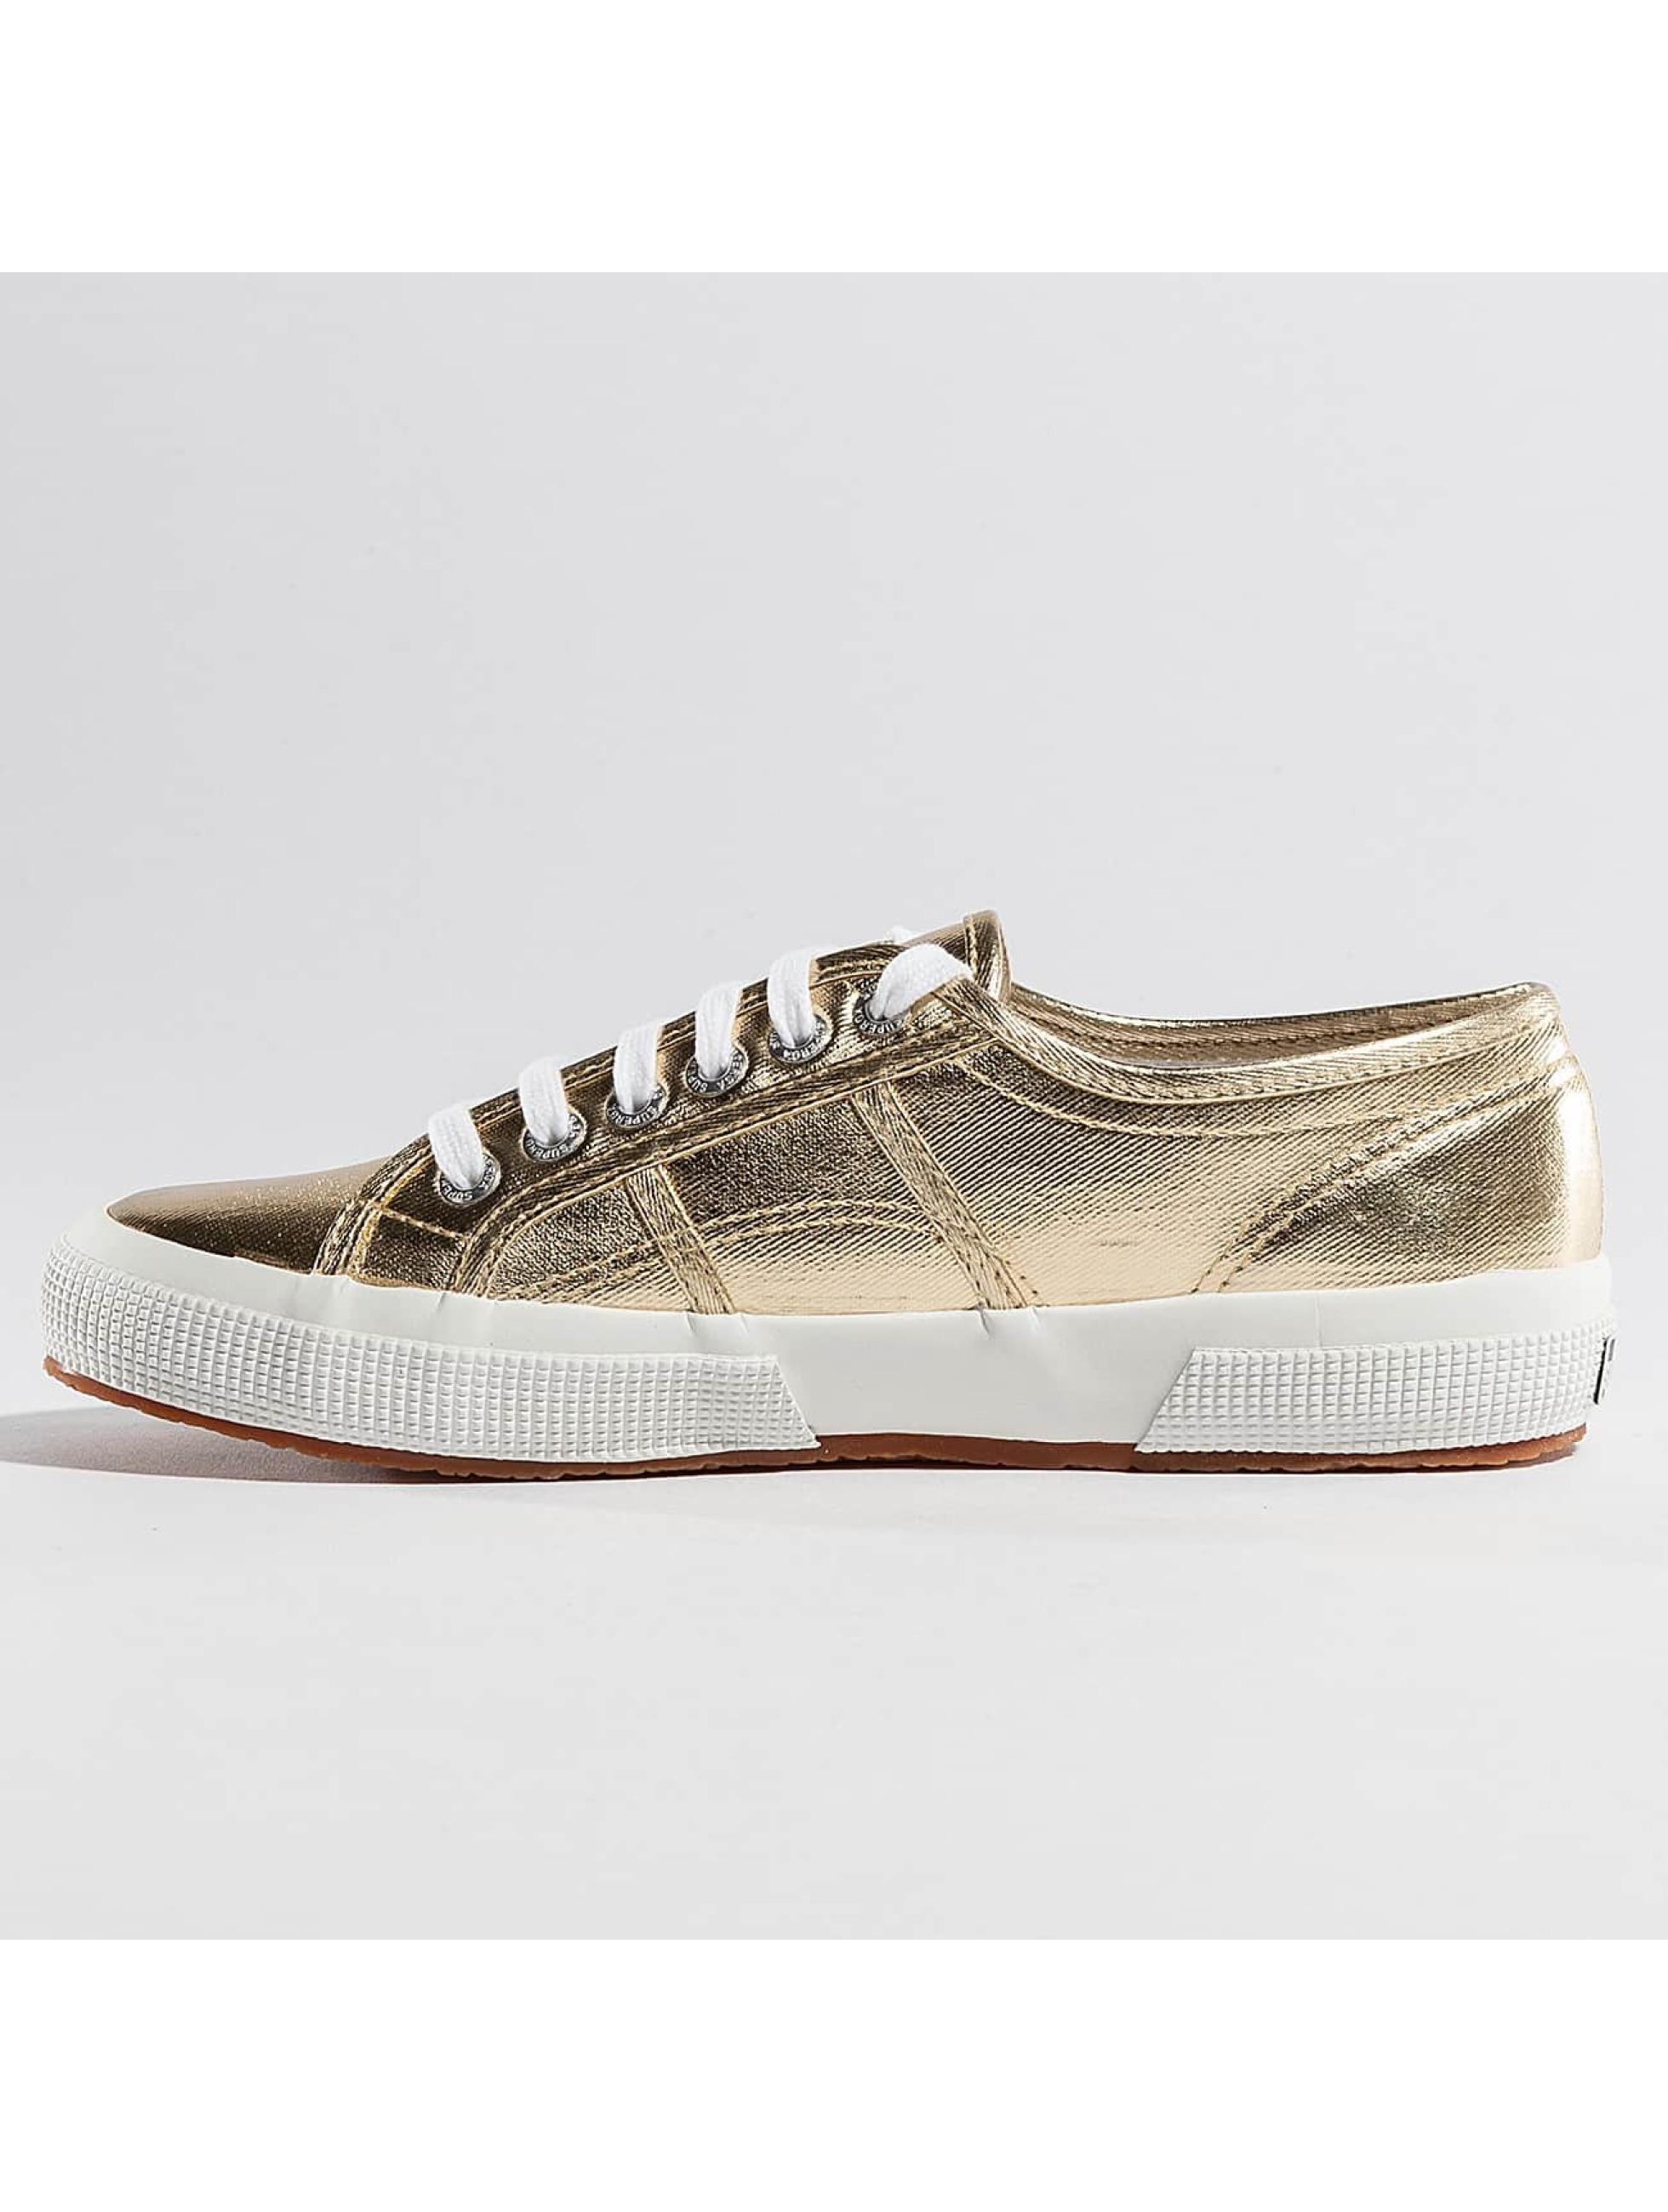 Superga Sneakers 2750 Cotmetu gold